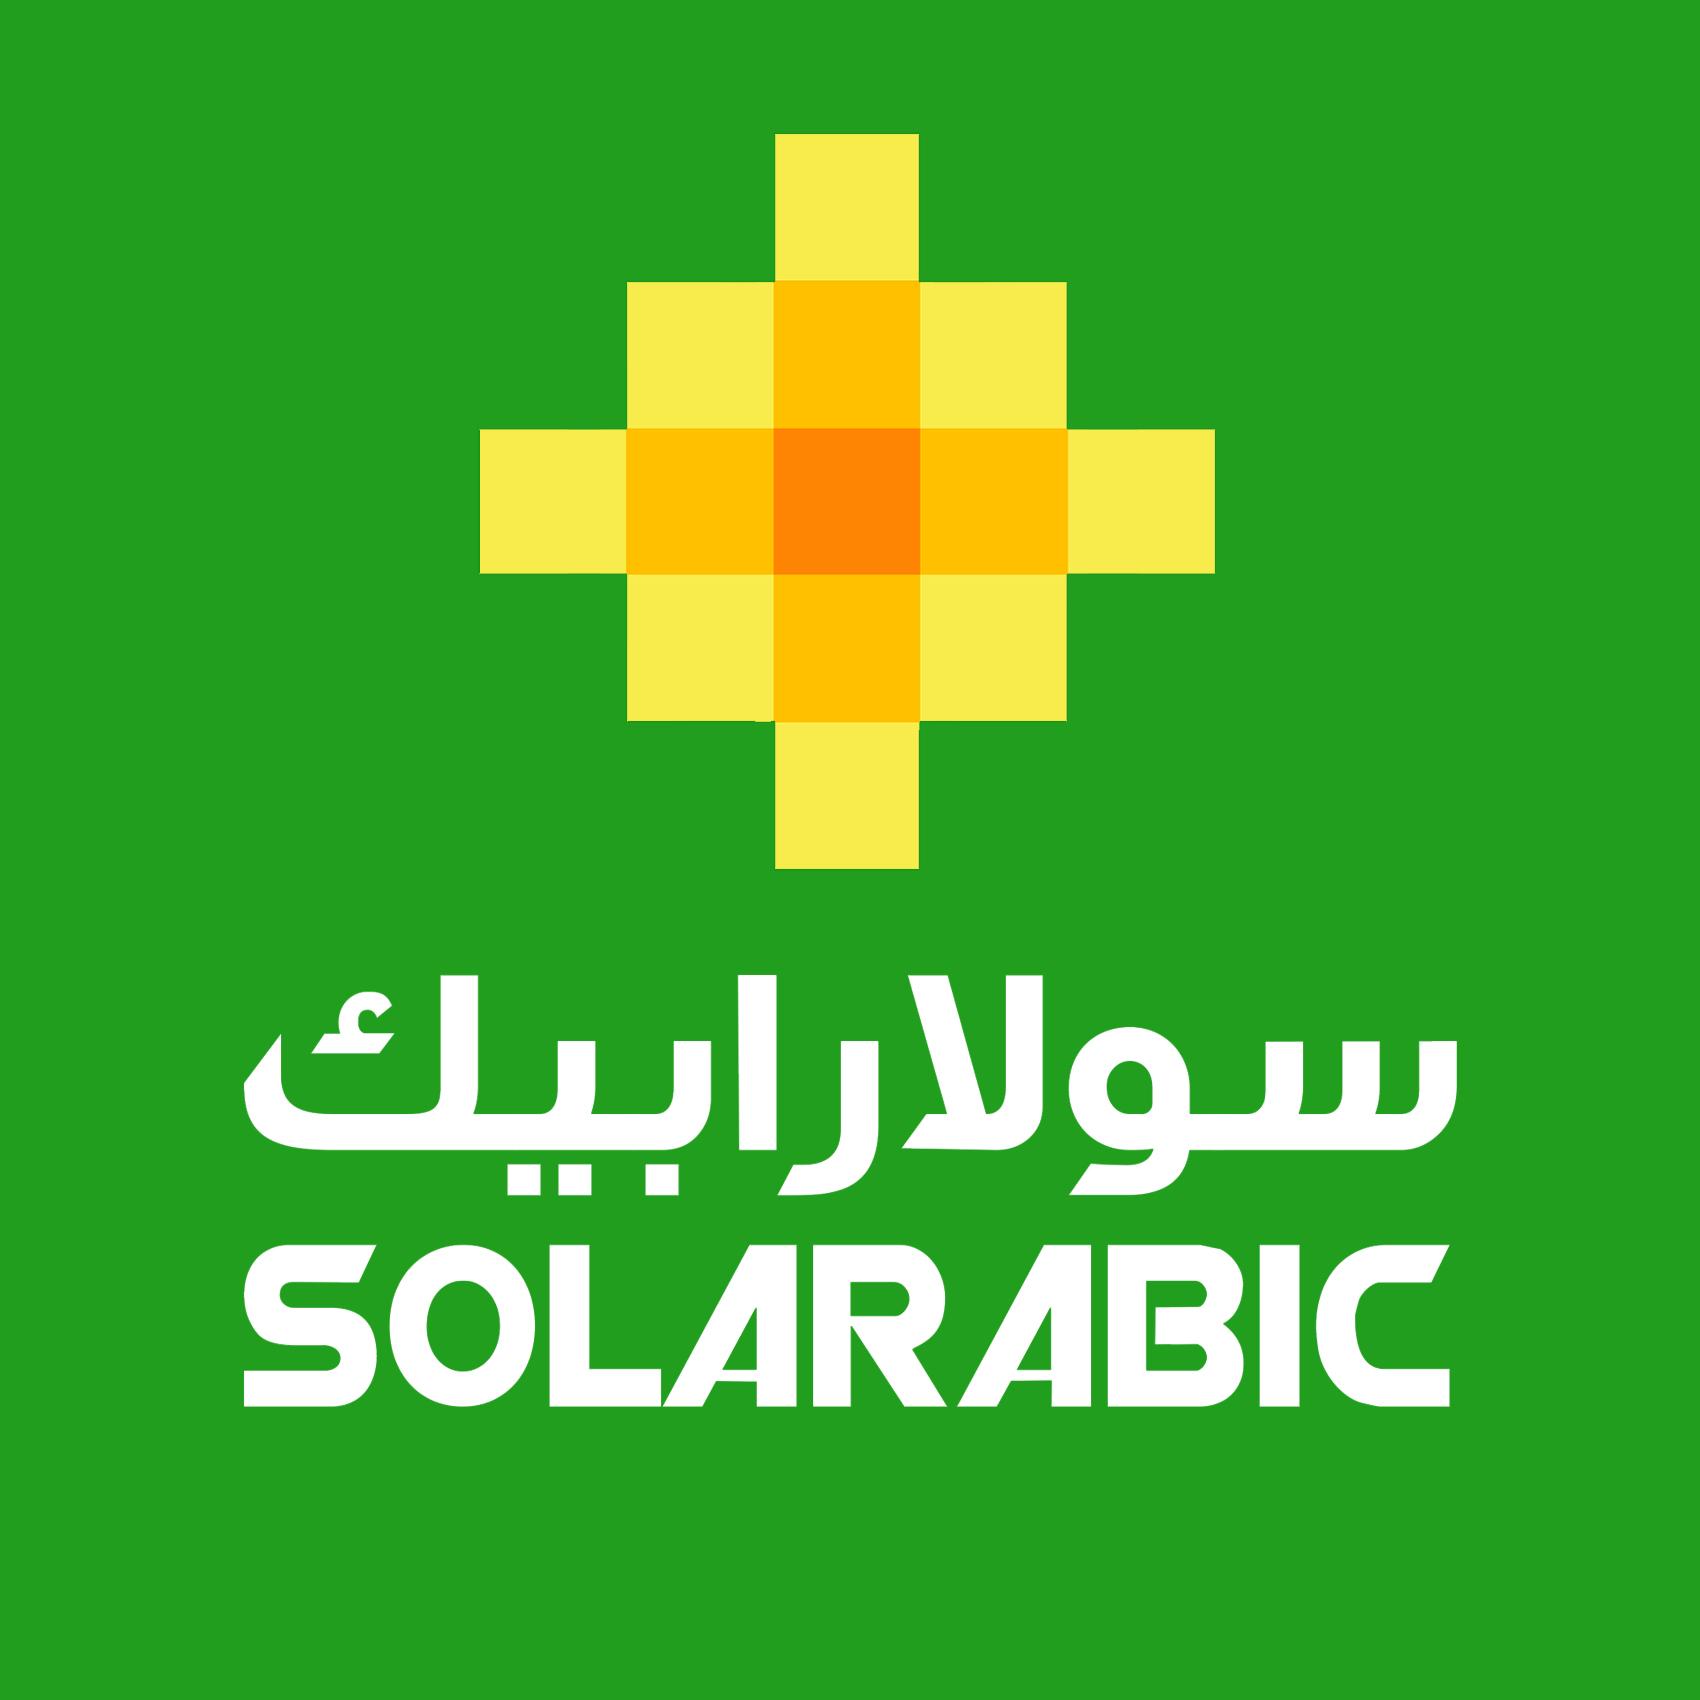 سولارابيك-Solarabic-com